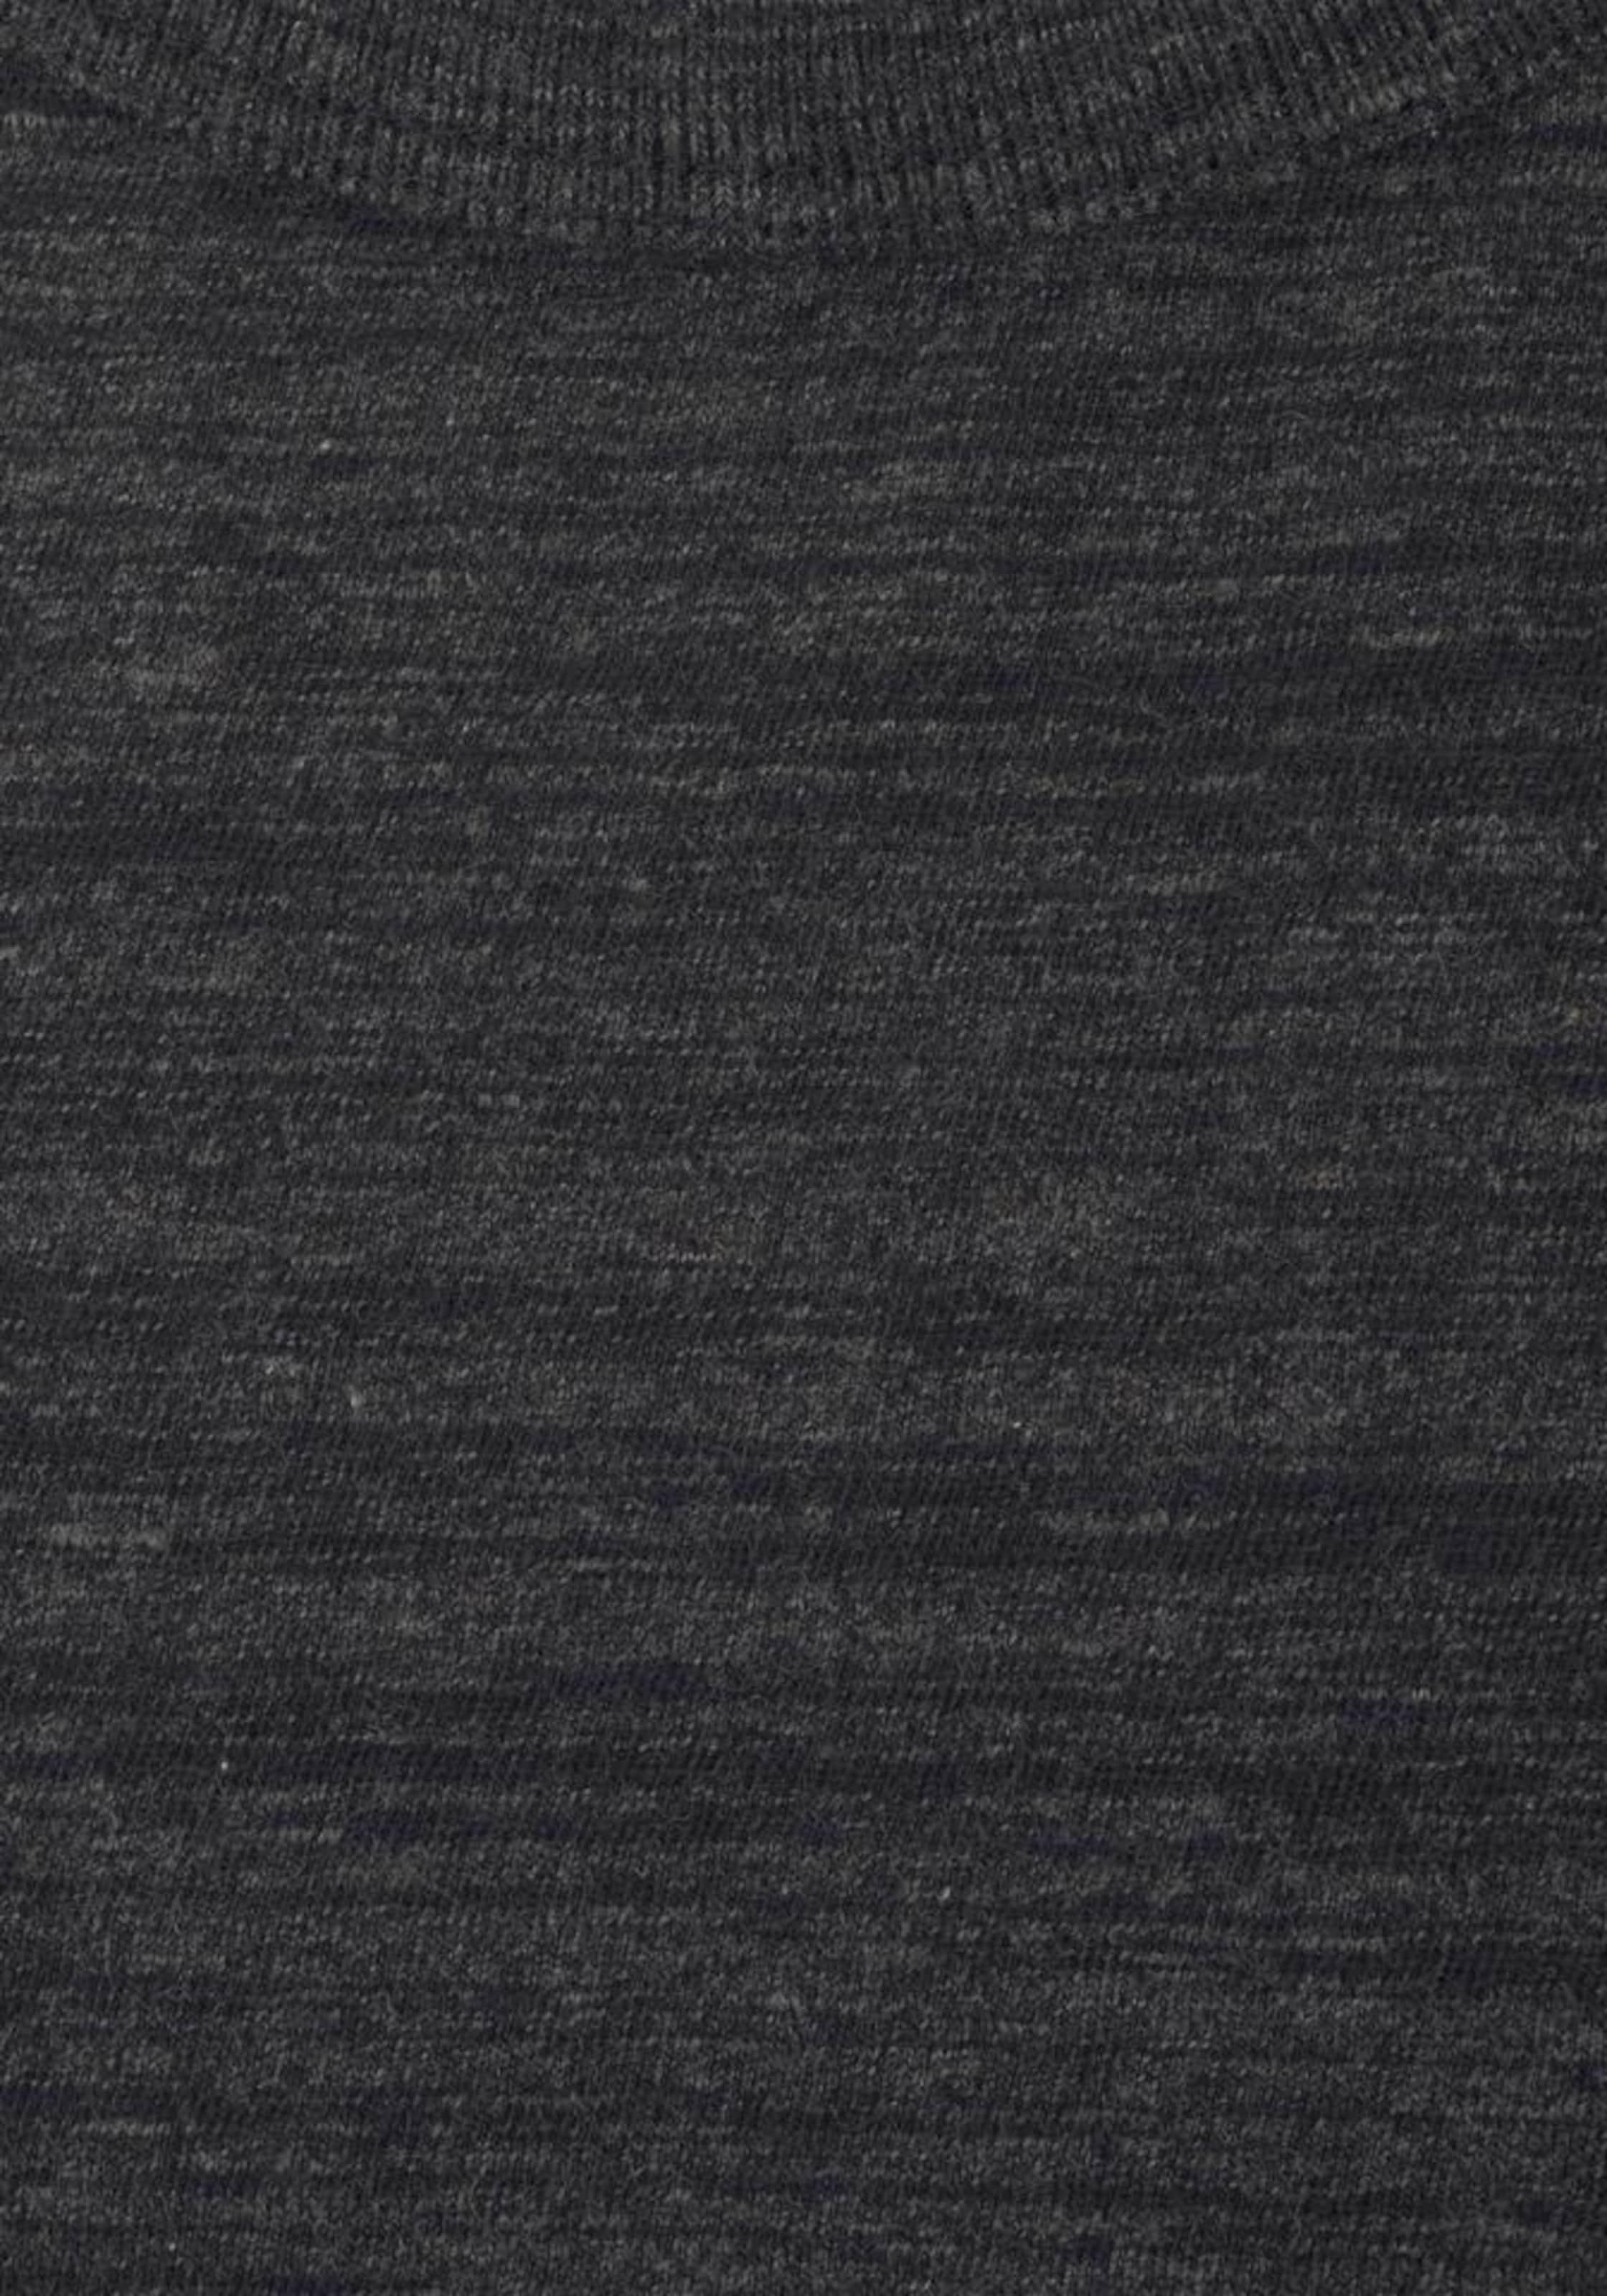 Superdry Tanktop 'Vintage Embroidery' Billig Verkauf Exklusiv Kostenloser Versand Neuesten Kollektionen Günstiger Preis Shop-Angebot Online YvvixBoF2J